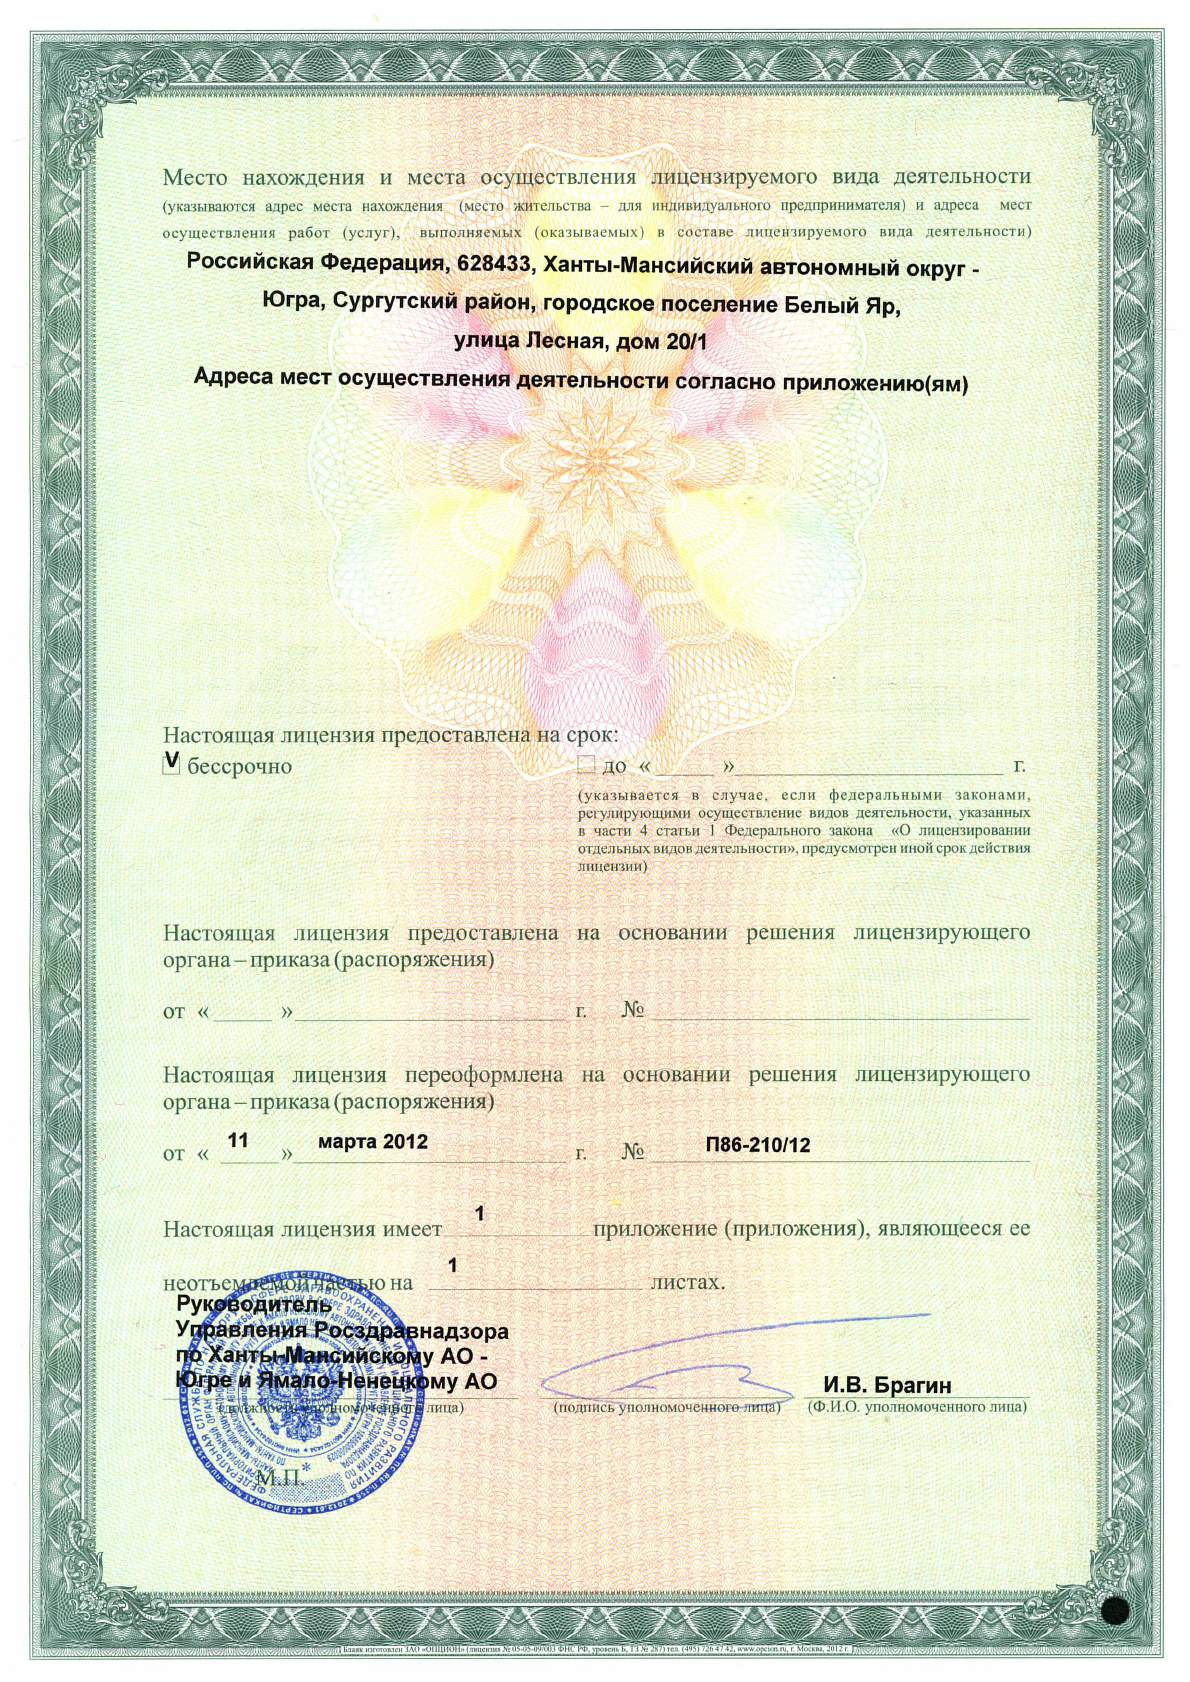 Лицензия на осуществление медицинской деятельности от 11.03.2012 (страница 2)